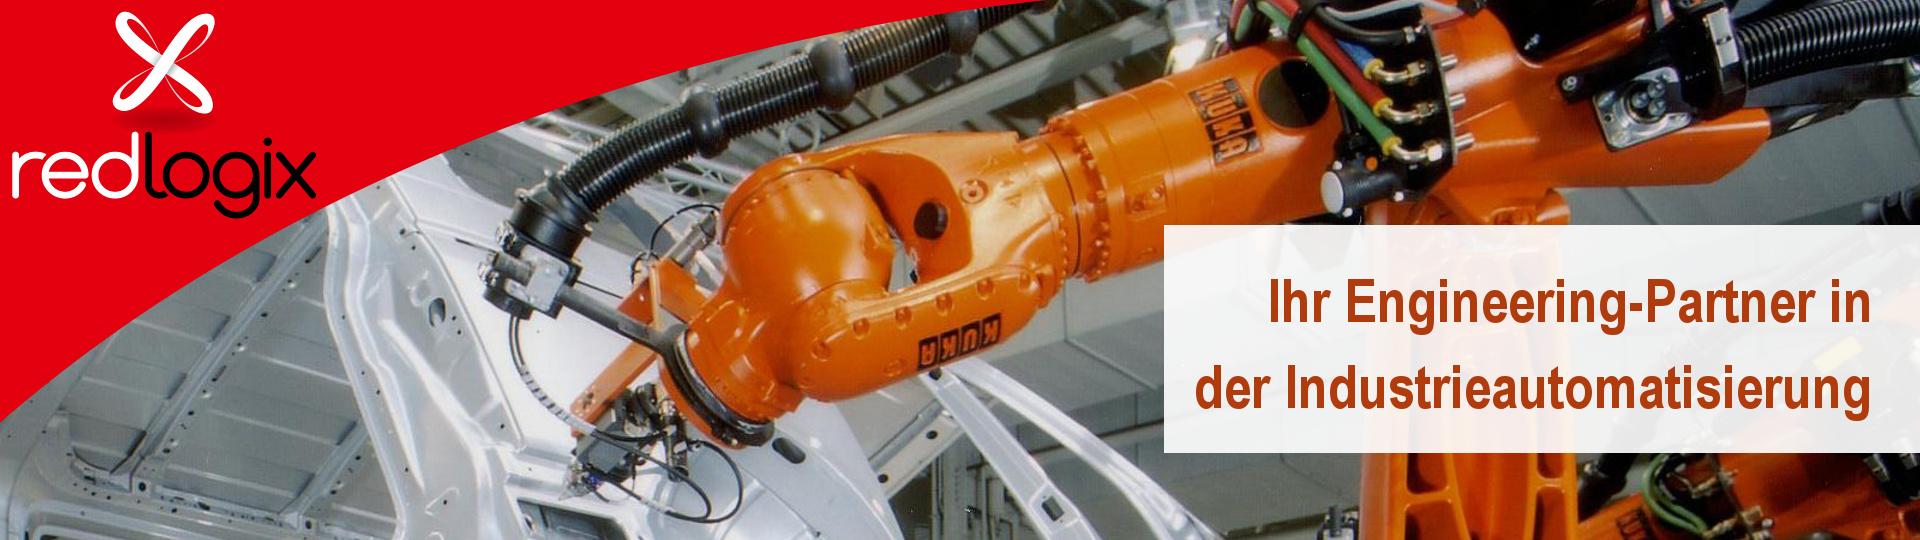 Illustration Industrielle Automatisierungstechnk